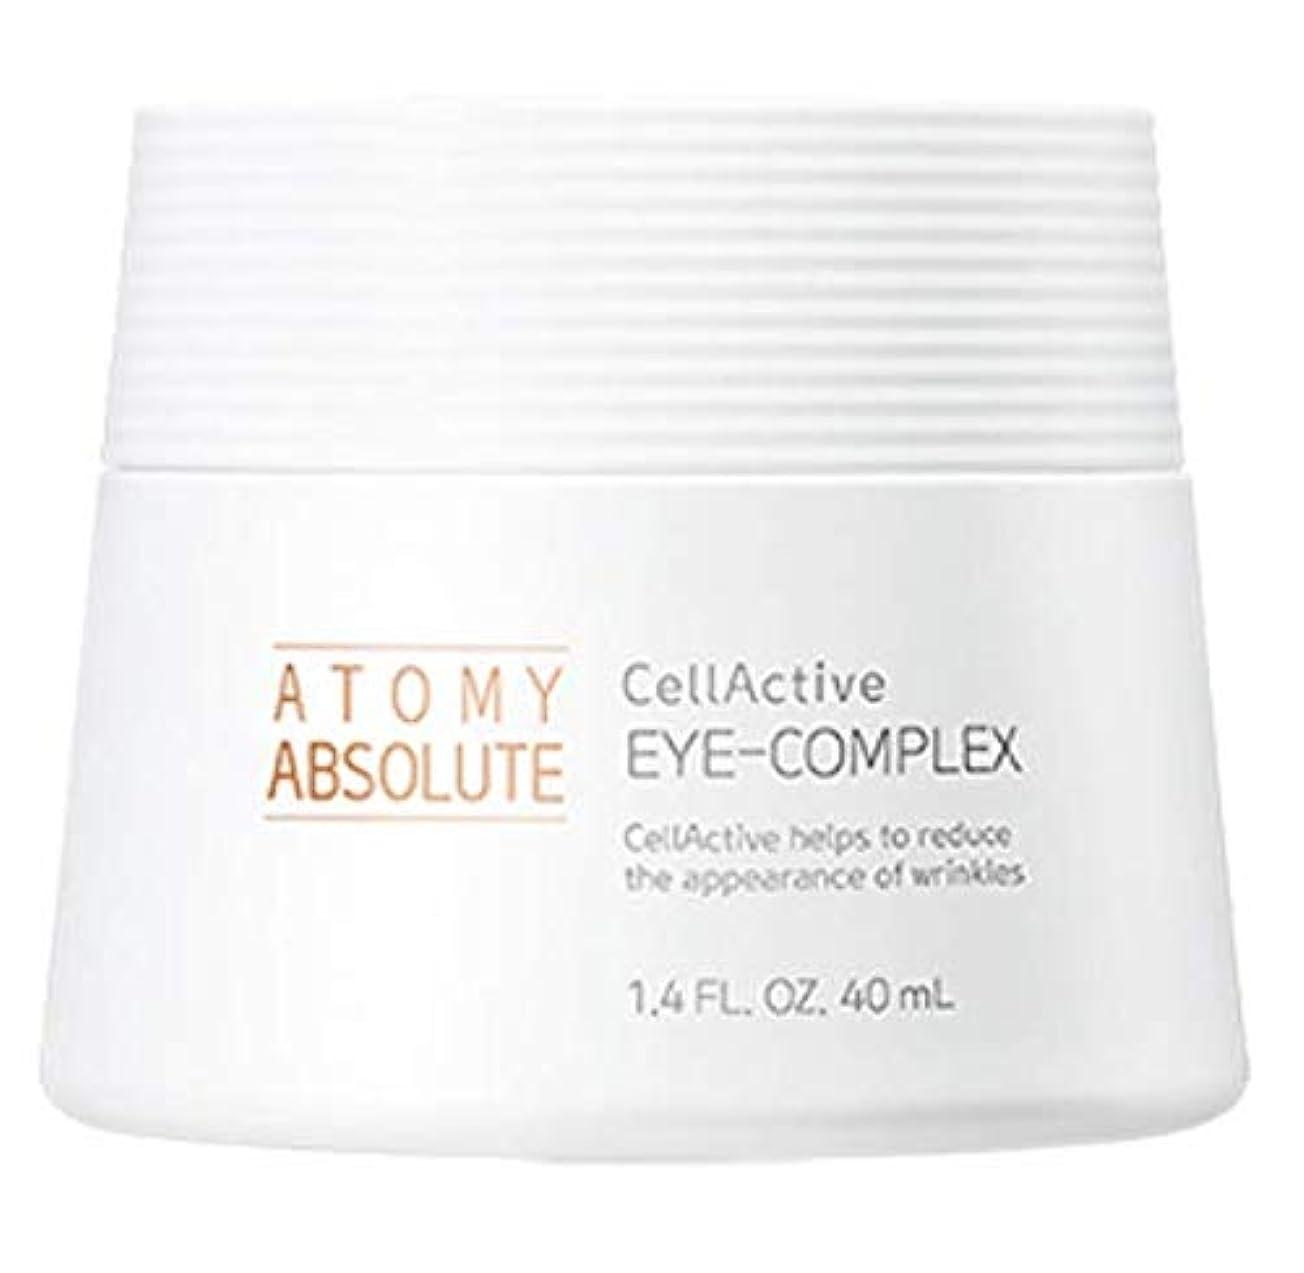 横向き女将会計士アトミエイソルート セレクティブ アイクリームAtomy Celective Absolute Eye-Complex 40ml [並行輸入品]